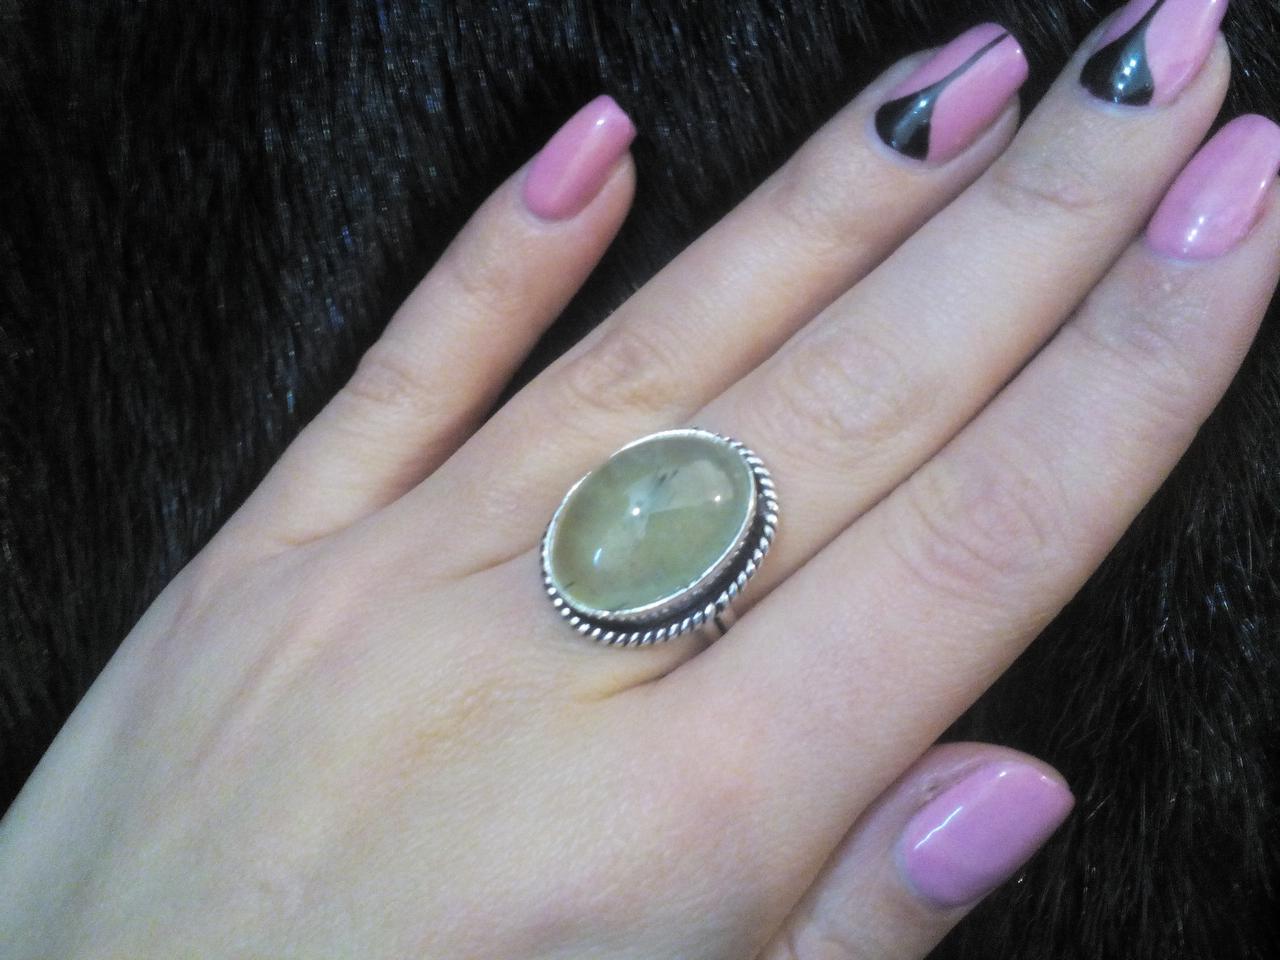 Пренит натуральный кольцо овальное с камнем пренит зеленый гранат в серебре 17.5 размер Индия